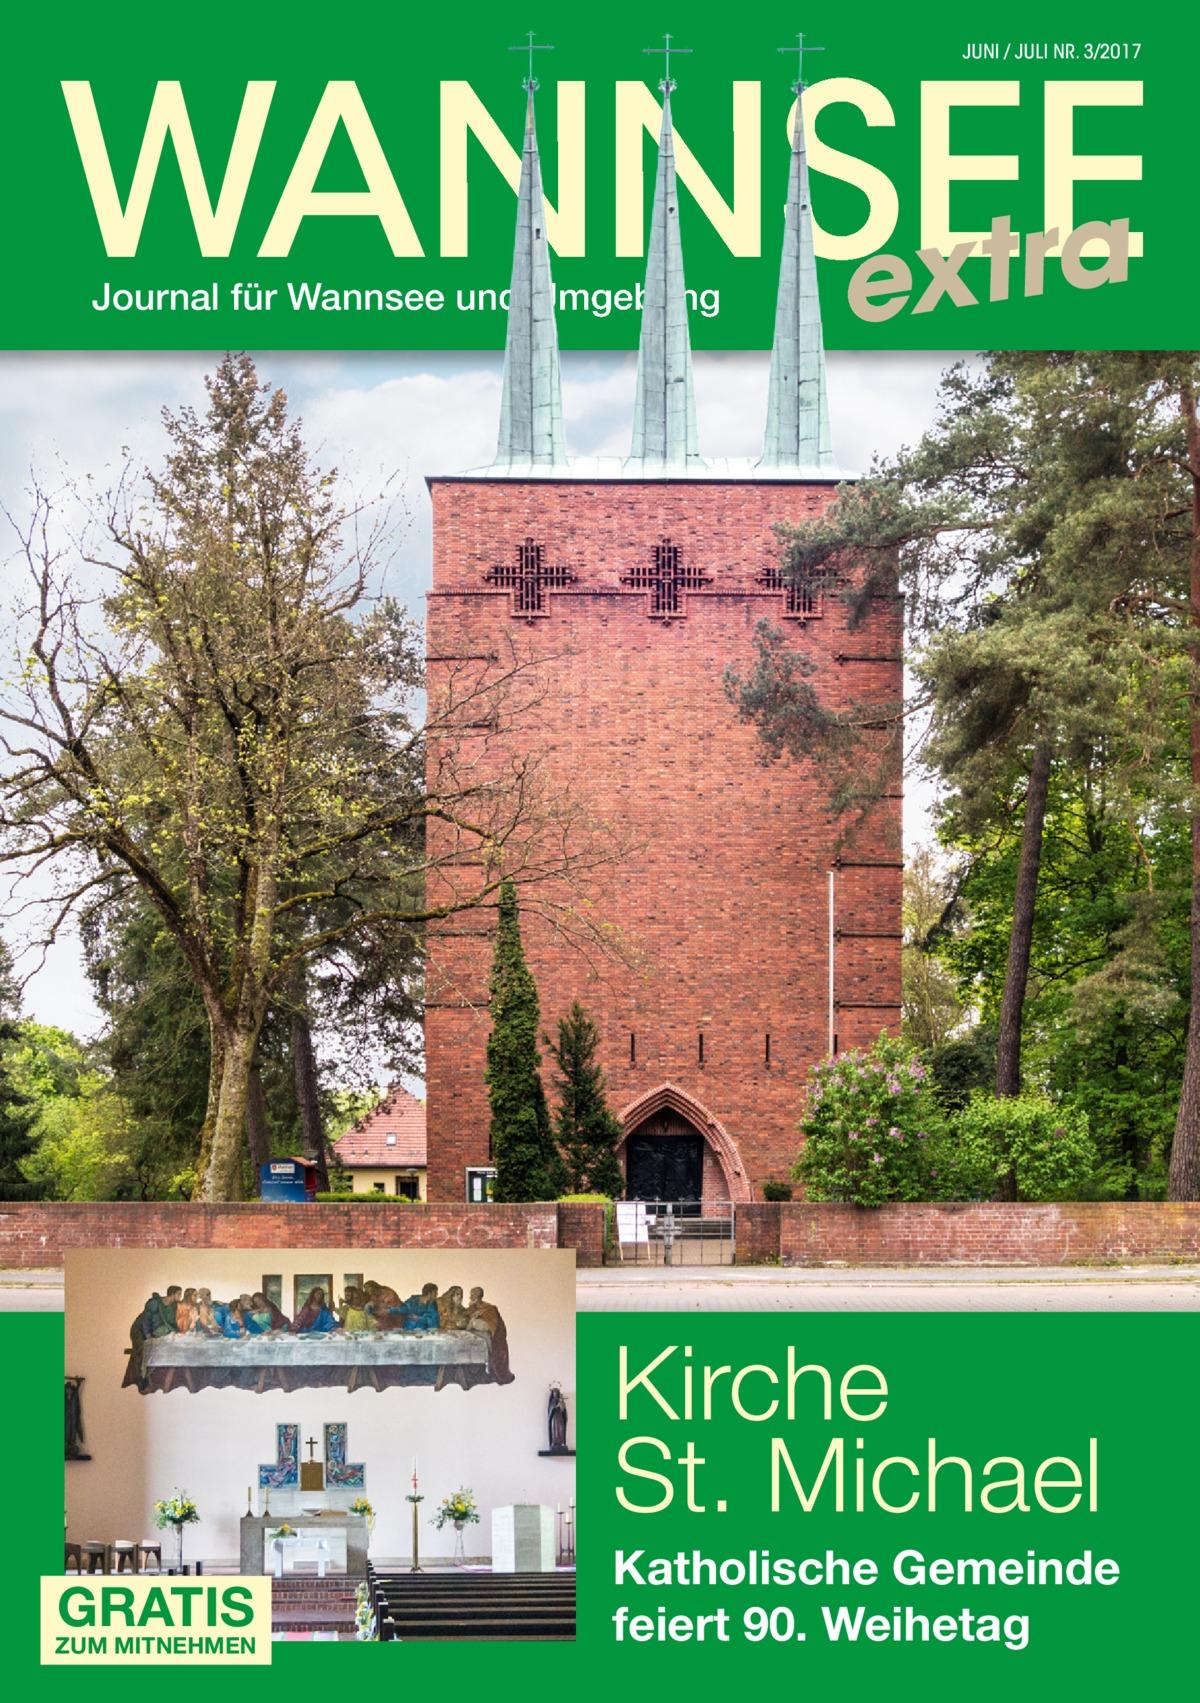 WANNSEE extra JUNI / JULI NR. 3/2017  Journal für Wannsee und Umgebung  Kirche St.Michael GRATIS  ZUM MITNEHMEN  Katholische Gemeinde feiert 90.Weihetag